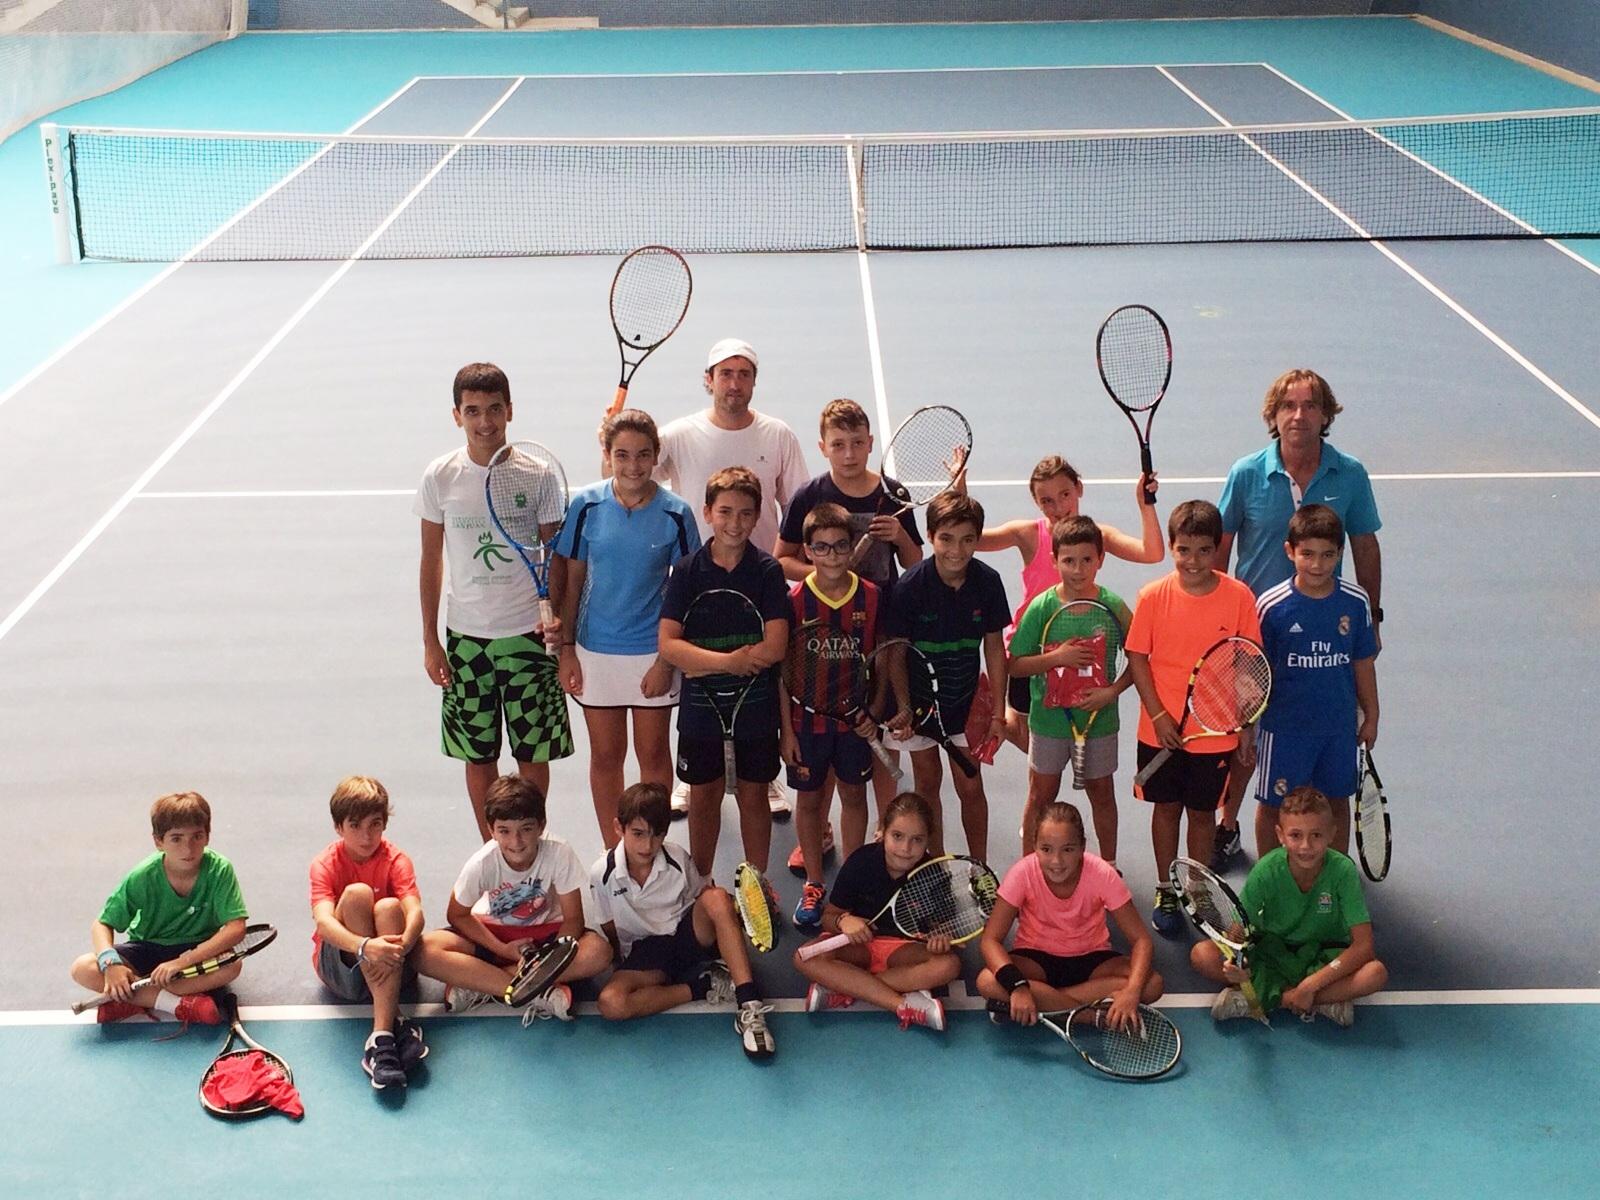 1eb60930fa3 Campeonato Navarro Absoluto de Tenis 2015. ADSJ-DKE  Torneo de Minitenis